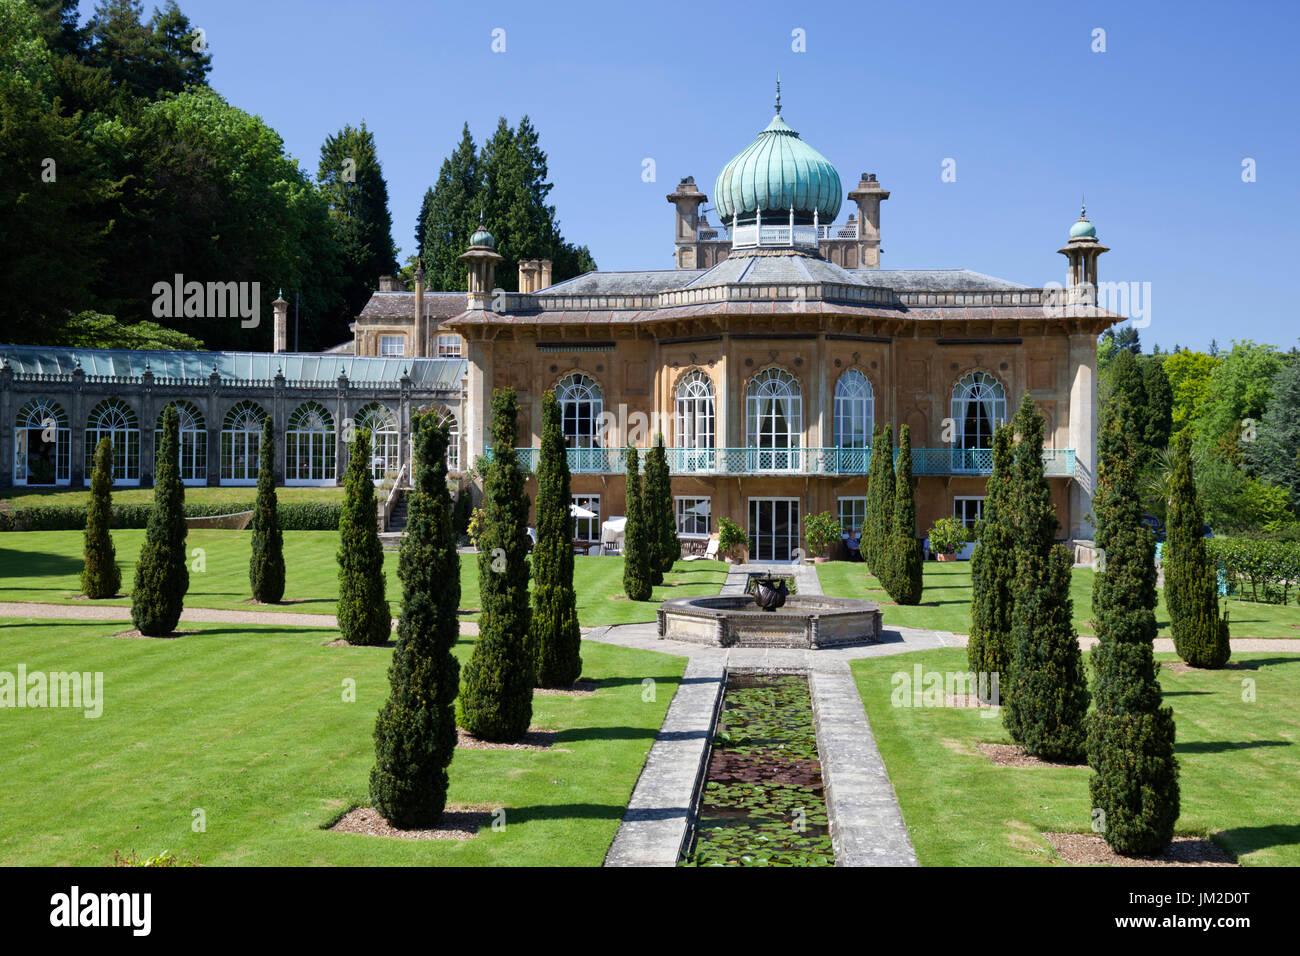 Sezincote House in mughal style, Sezincote, Cotswolds, Gloucestershire, England, United Kingdom, Europe - Stock Image